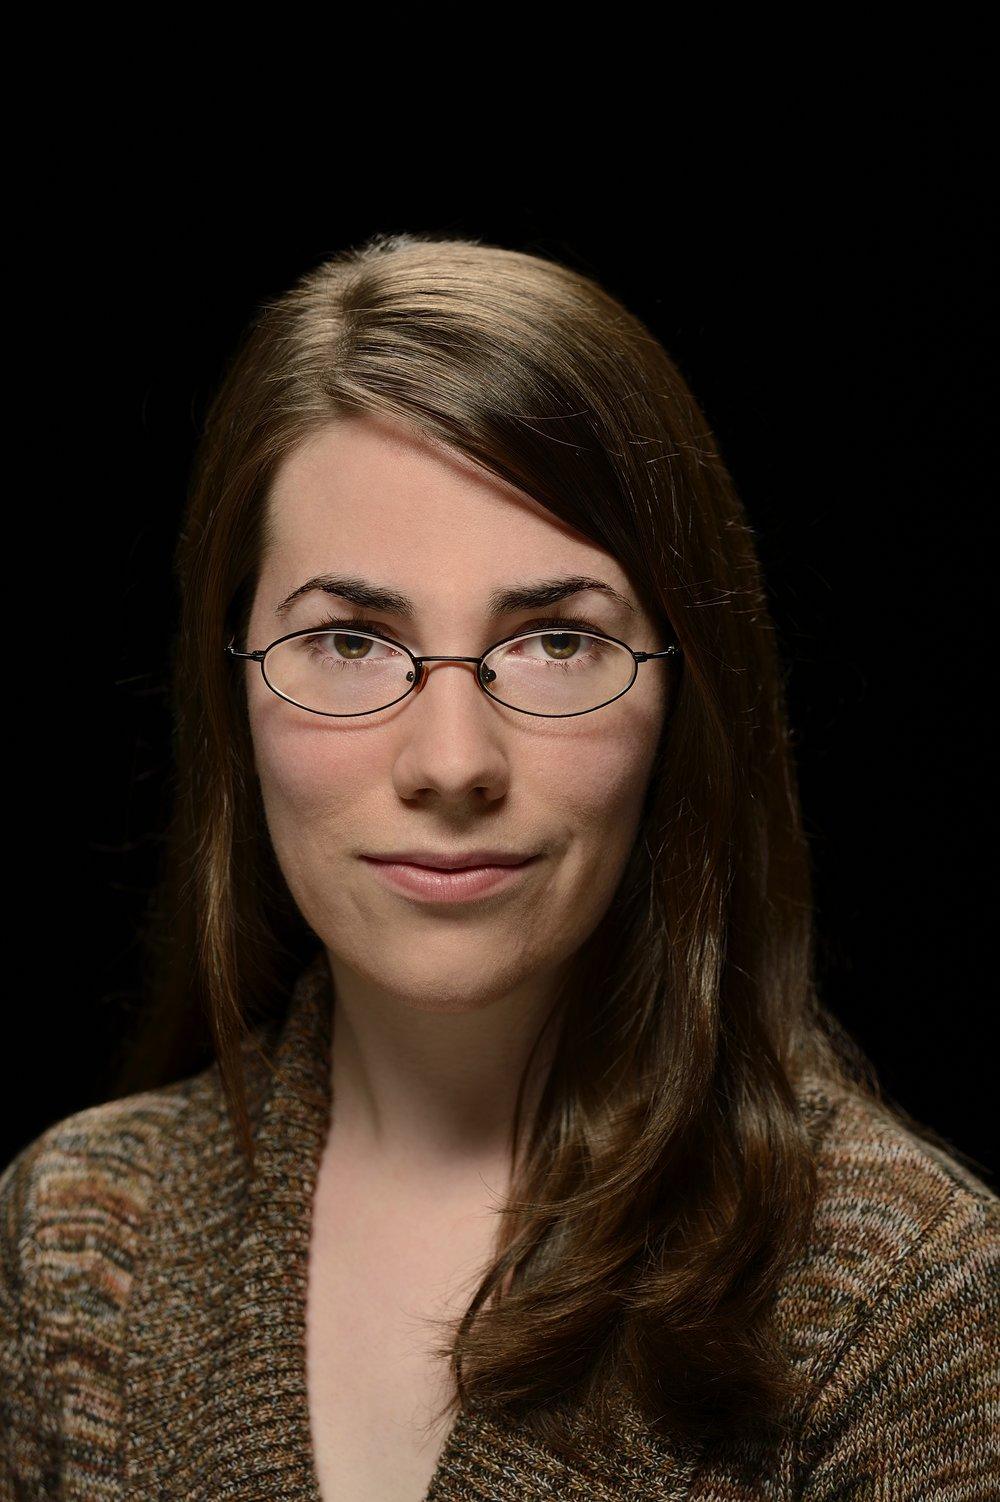 Natalie Draper